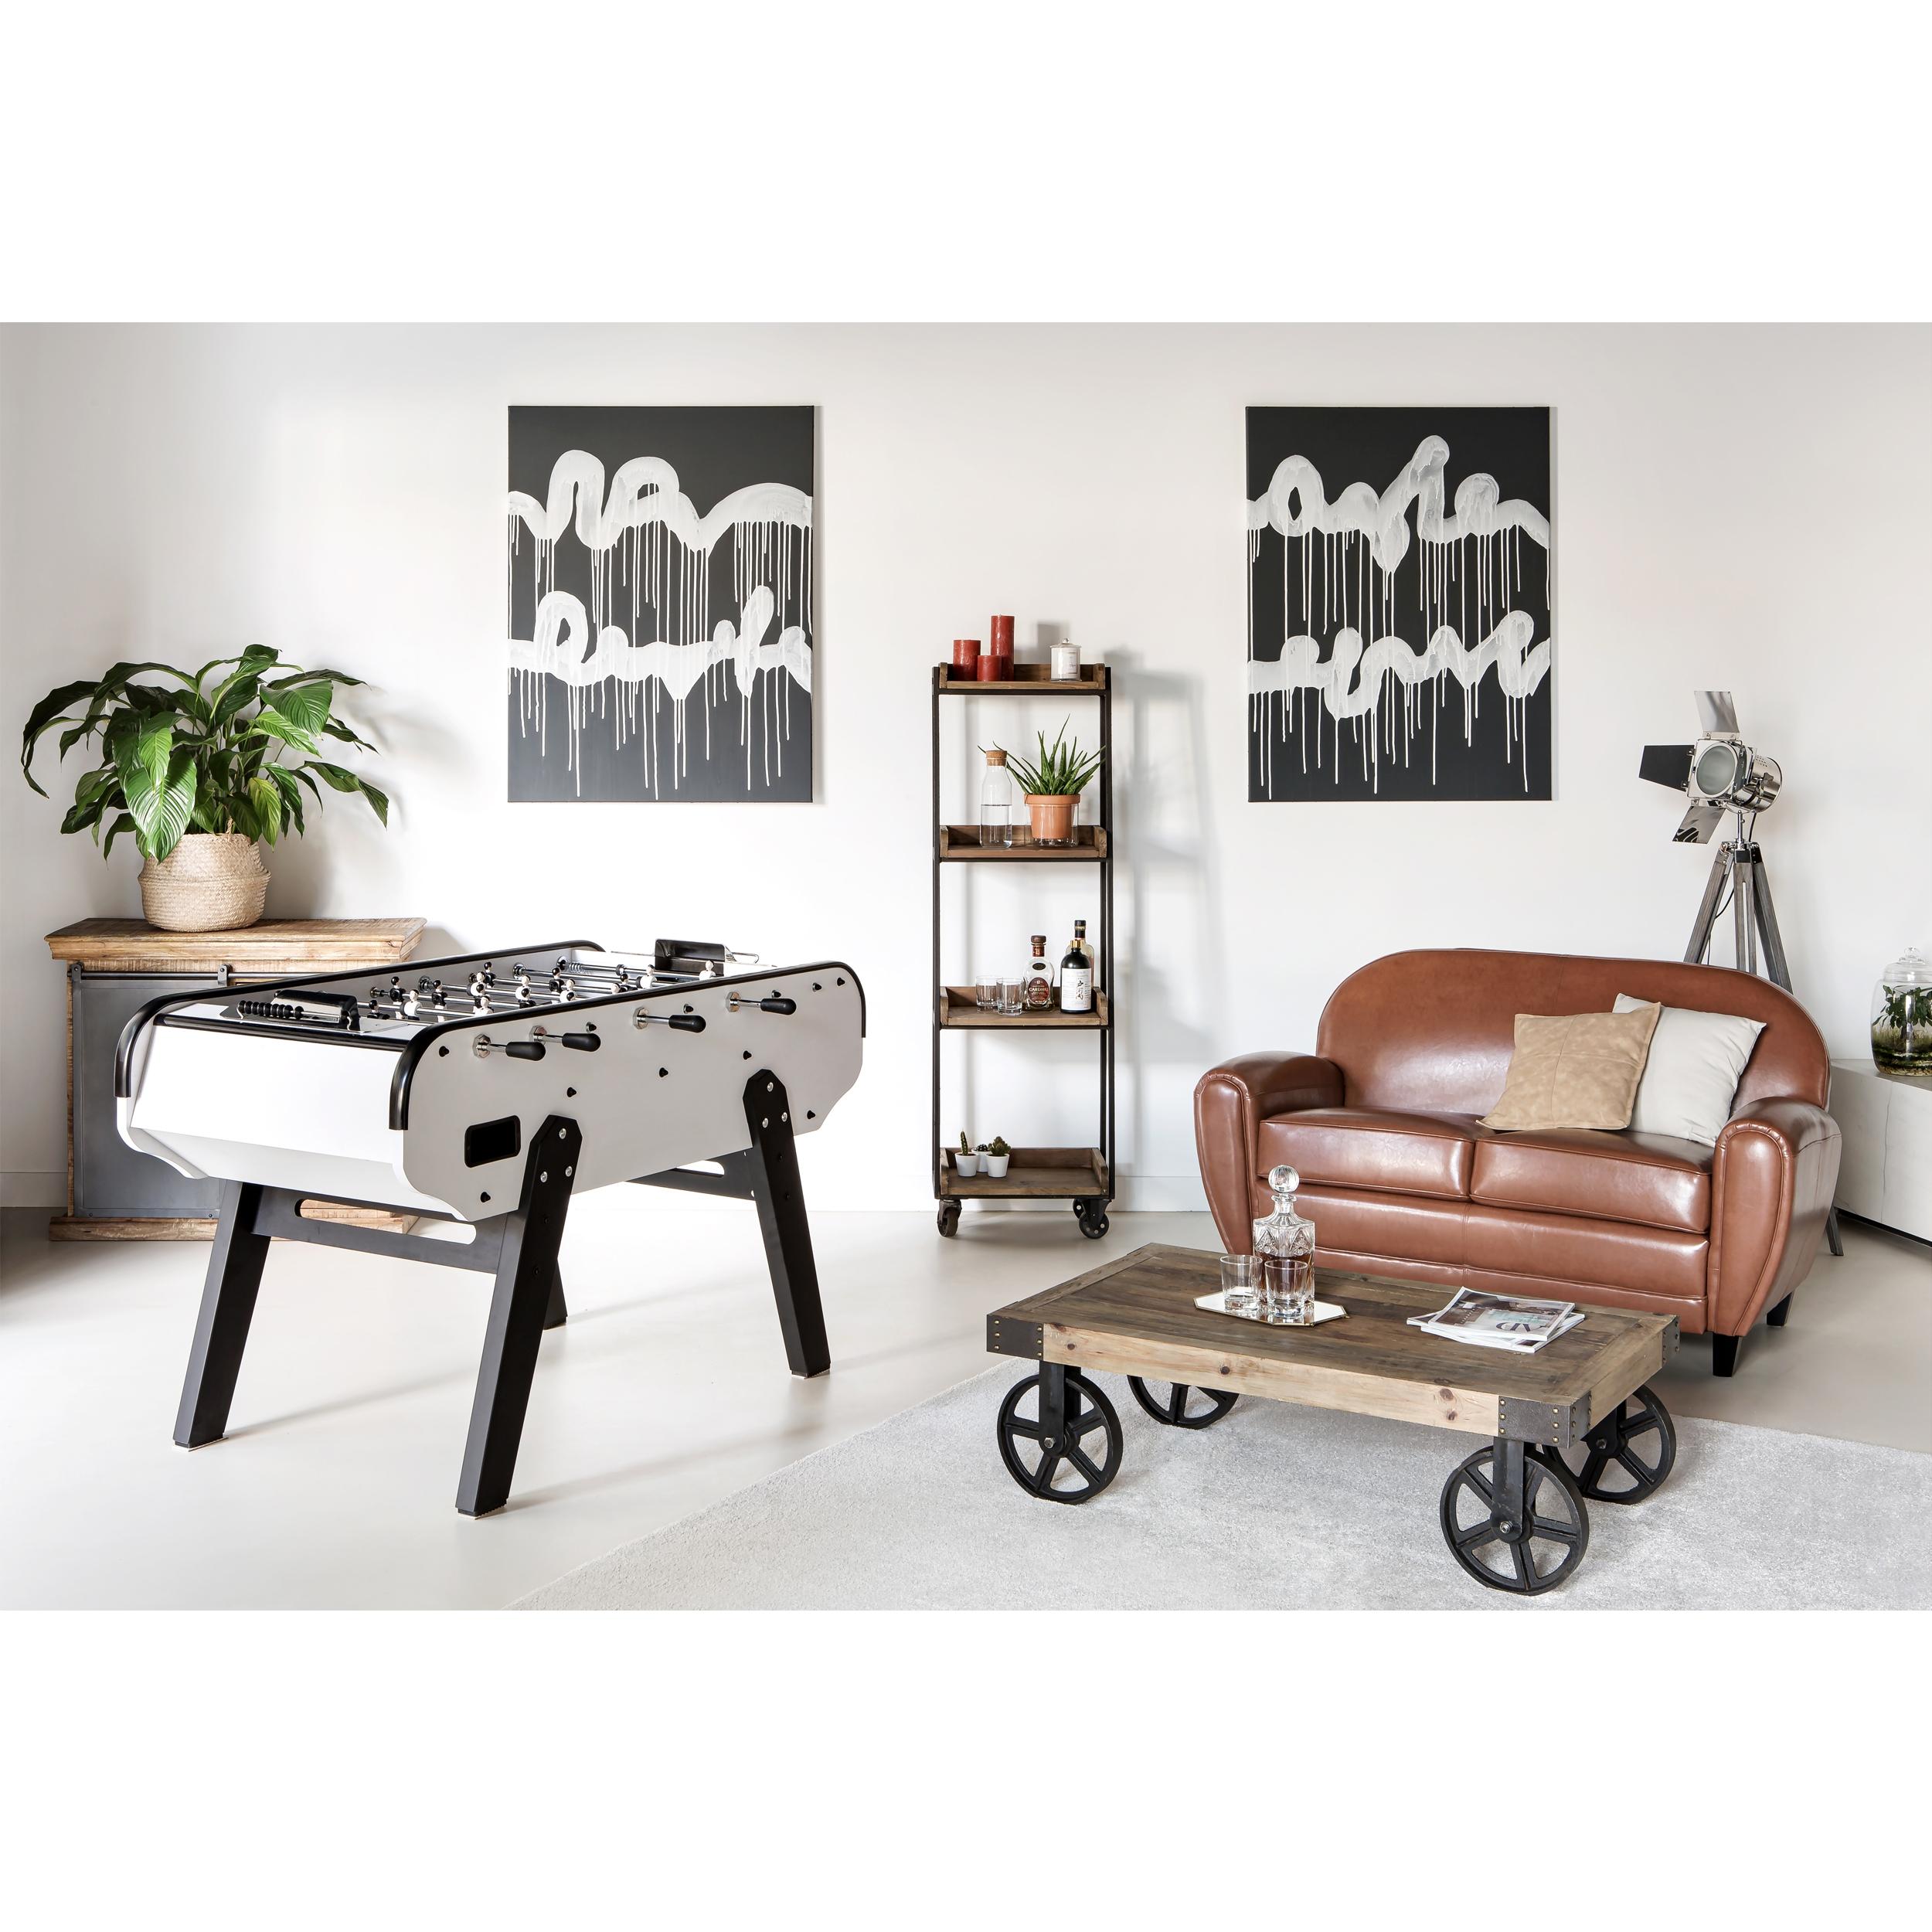 Table basse rectangulaire en bois et métal à roulettes